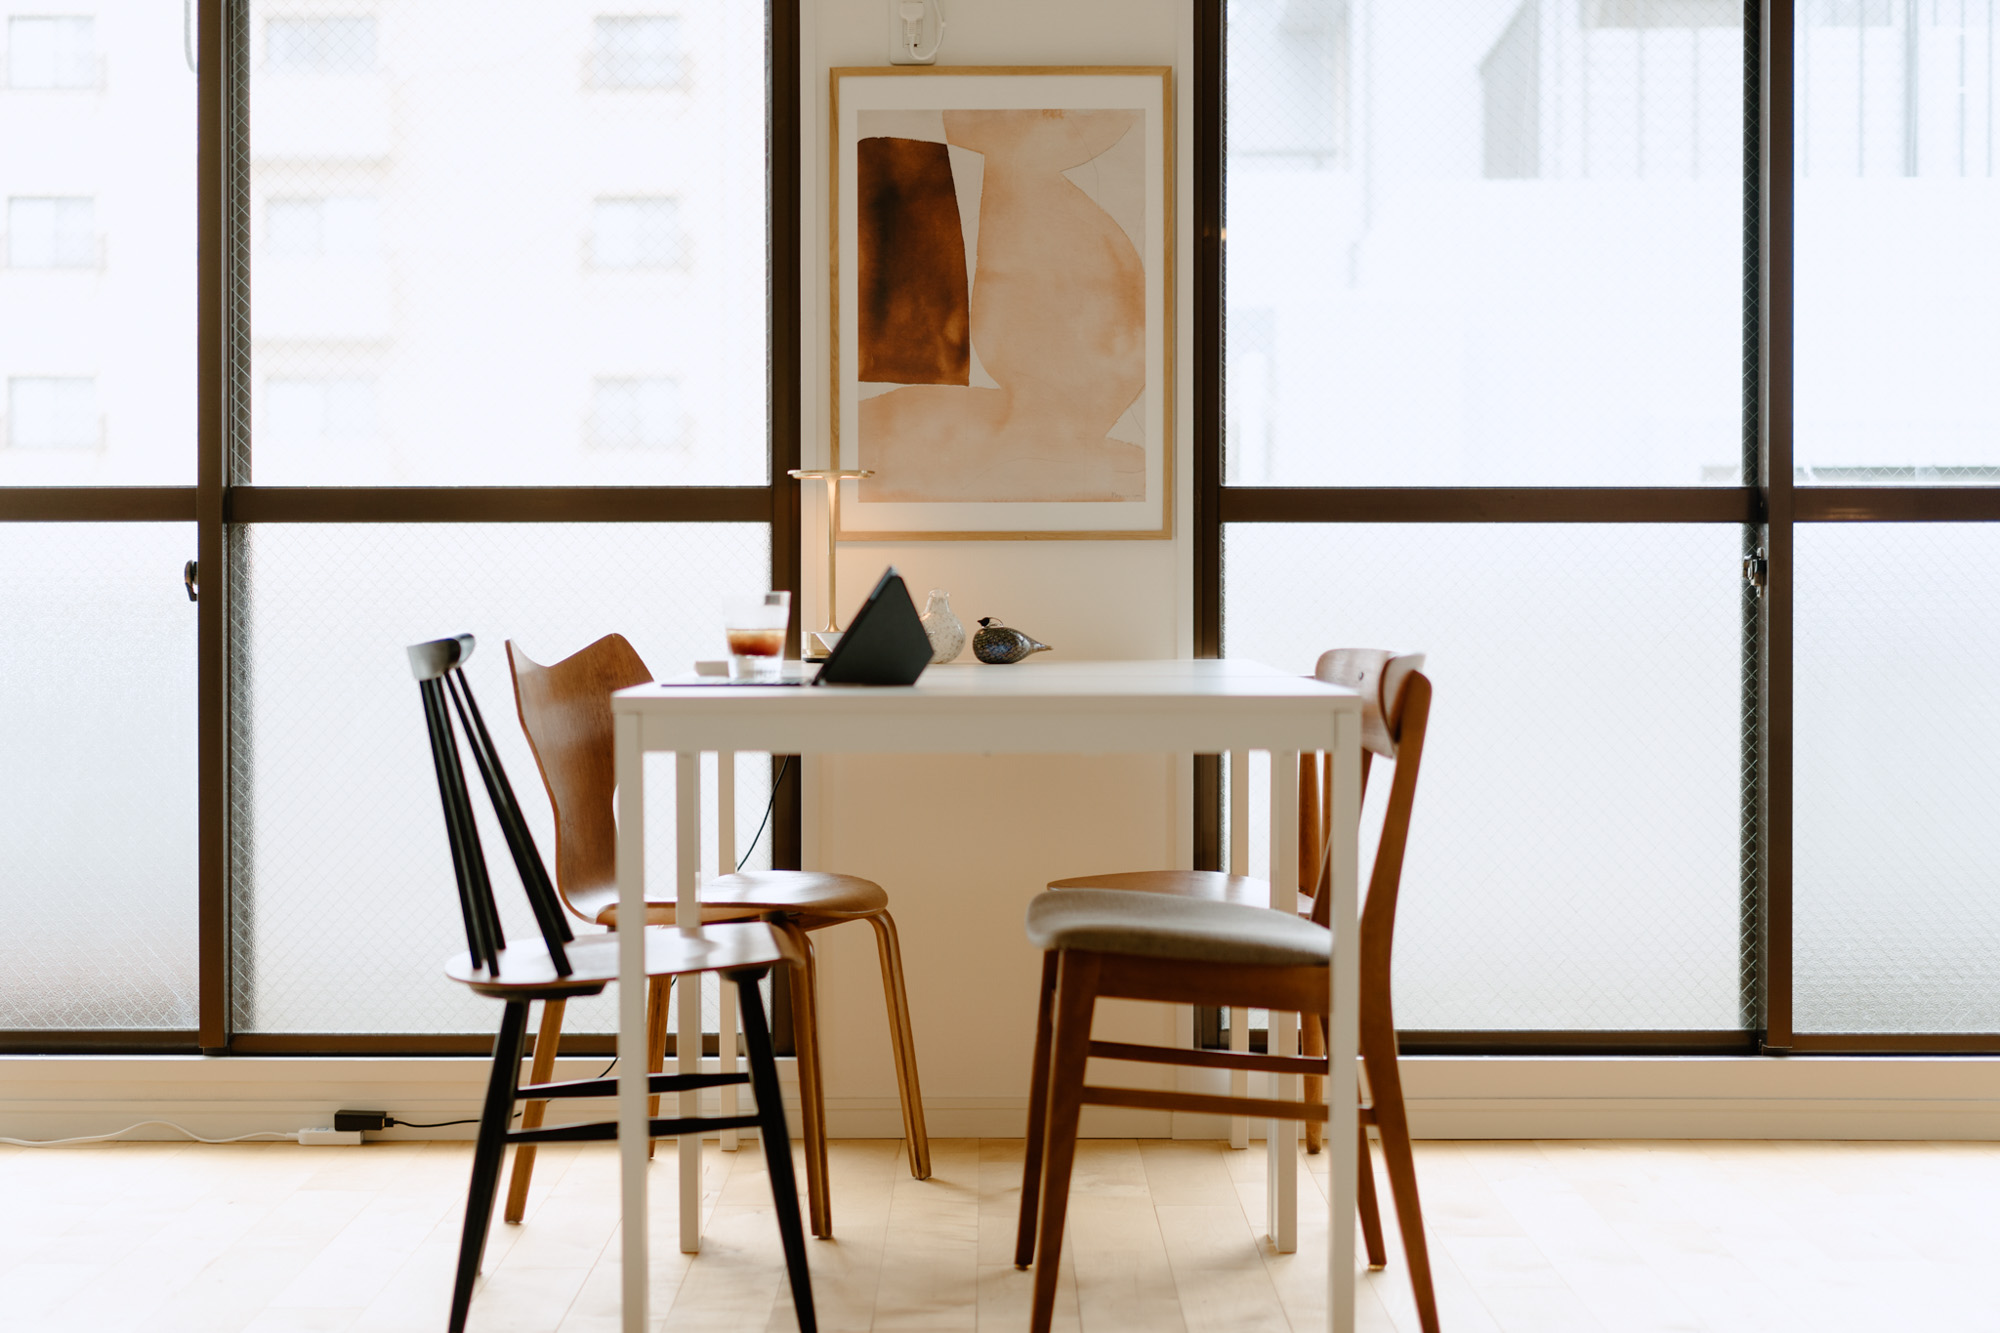 一方で、「どんな間取りになっても絶対に必要なので、椅子と照明は良いものを買うといいですよ」と教えてくれた岡山さん。ダイニングで使用している椅子には、北欧の有名デザイナーがつくったものをセレクトしています。またテレビボードの上にある照明はFLOSの「IC lights Table」など。